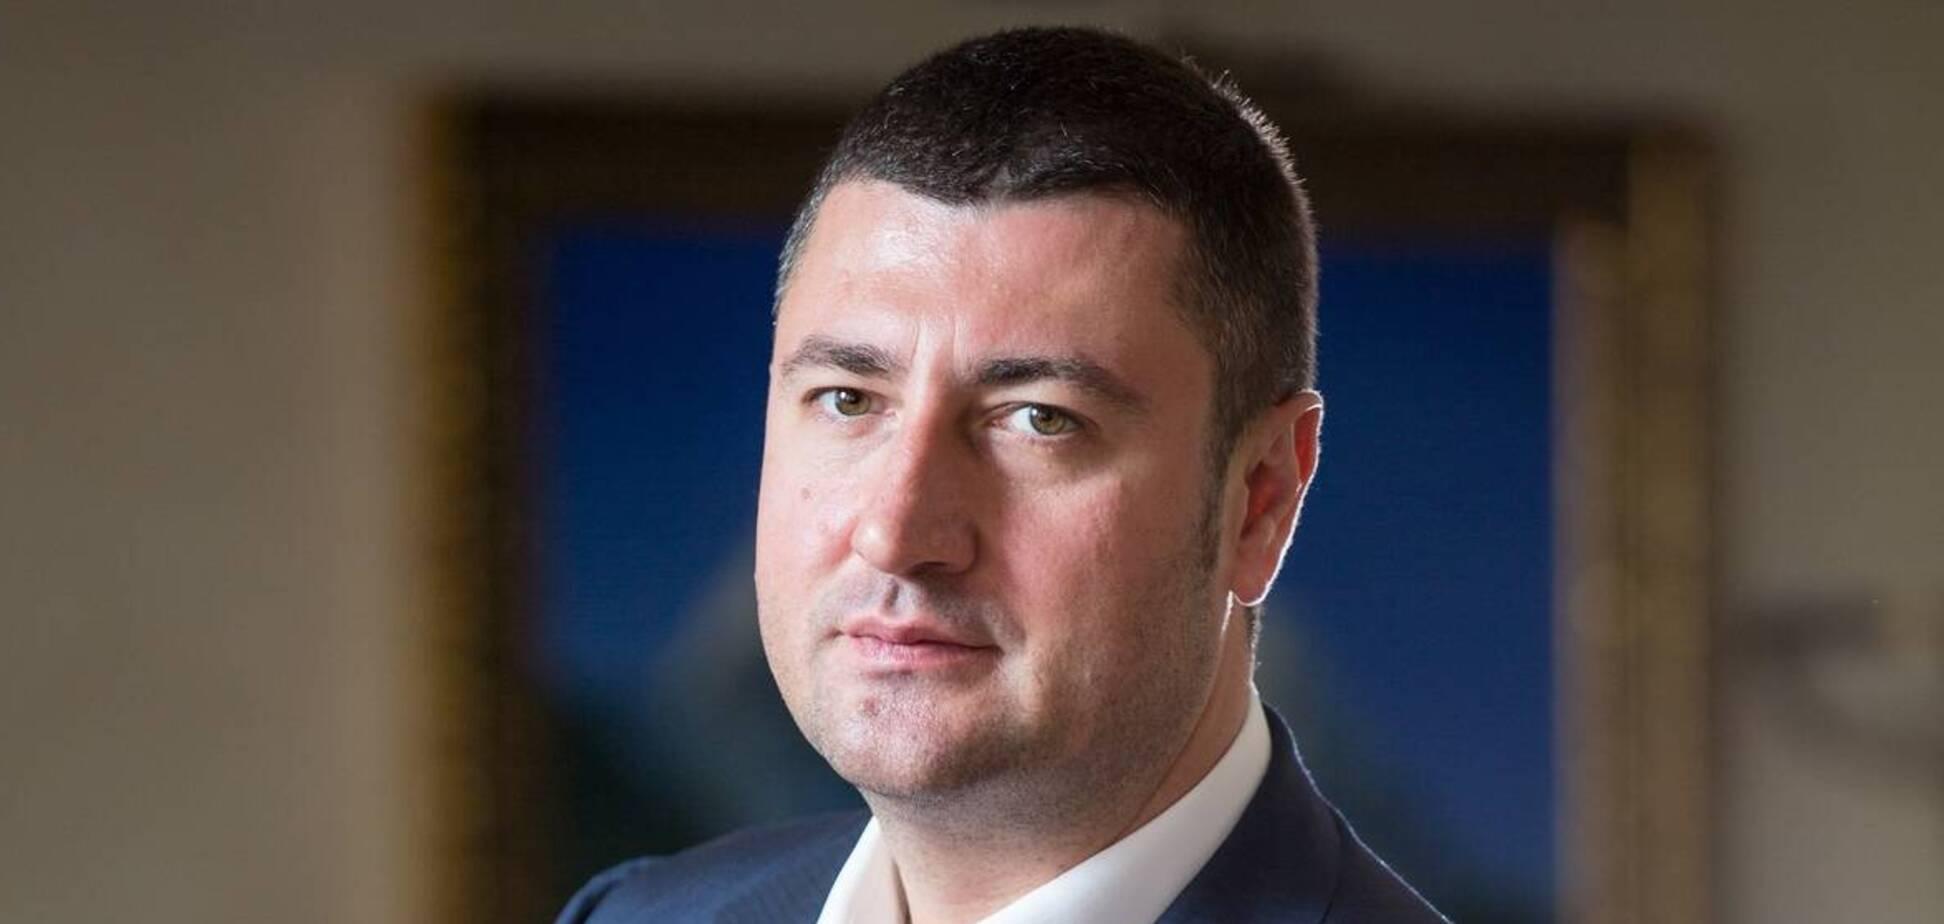 Бахматюк вызвал Сытника на публичную дискуссию (фото: Цензор.нет)